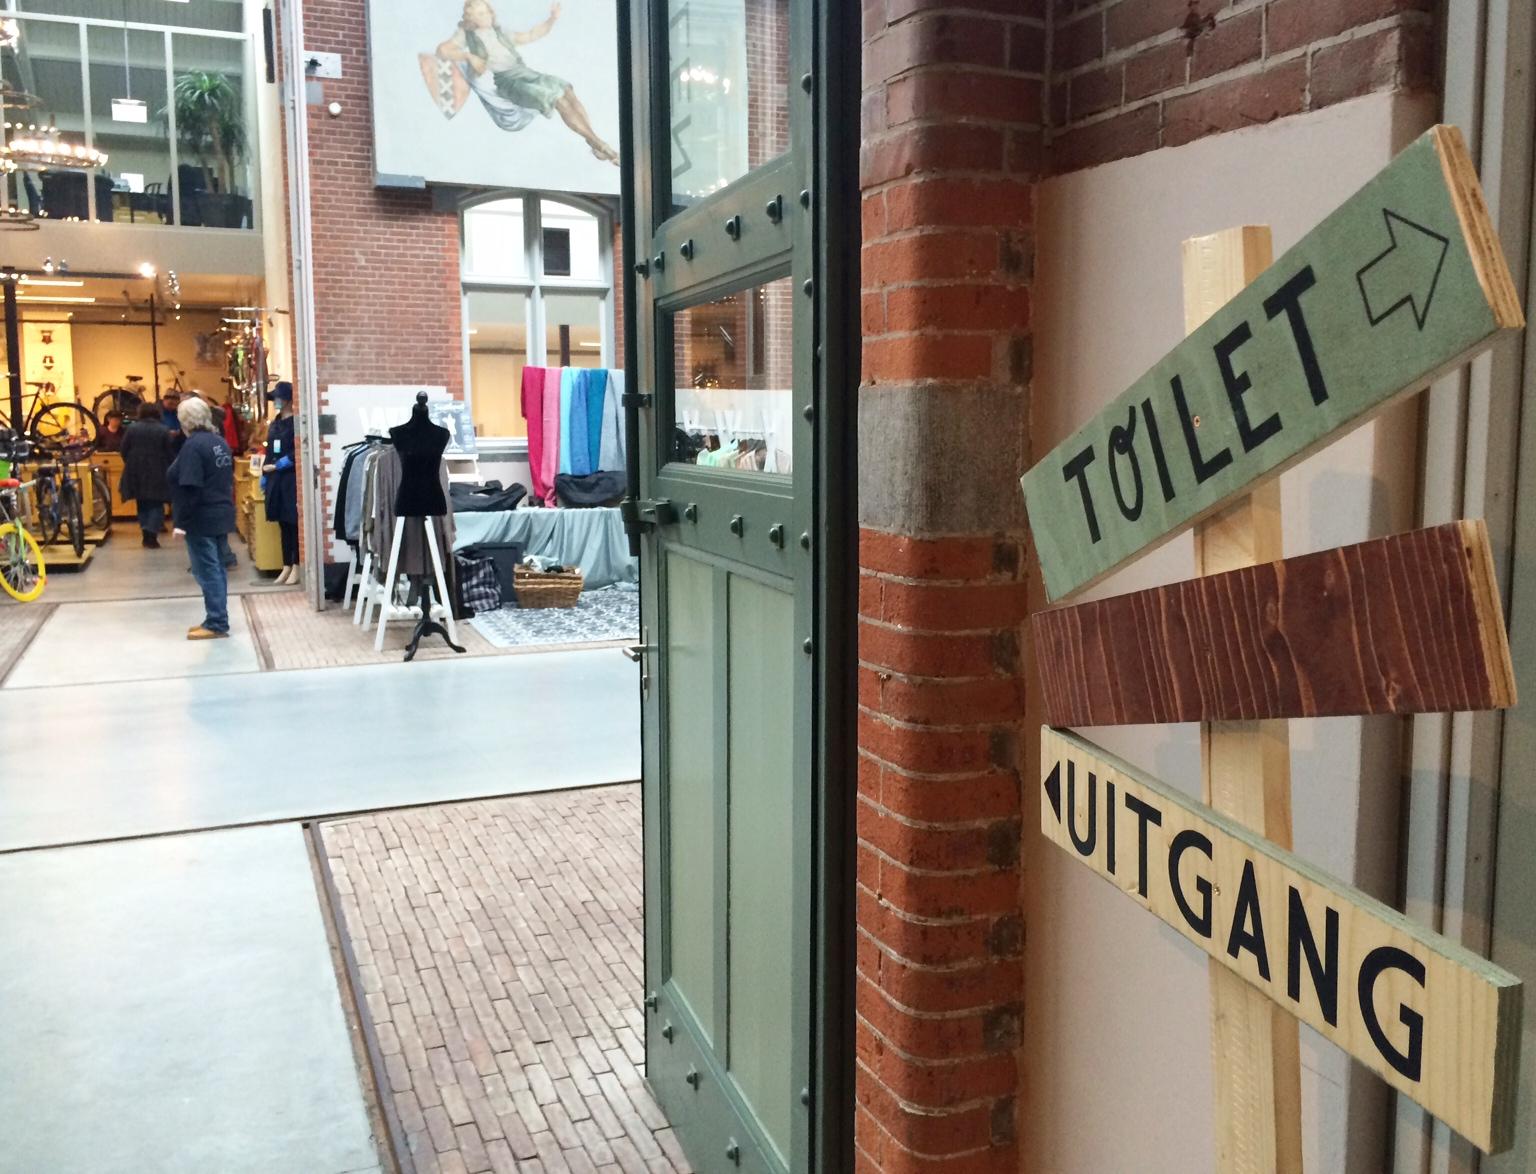 Local Goods Market de Hallen Amsterdam